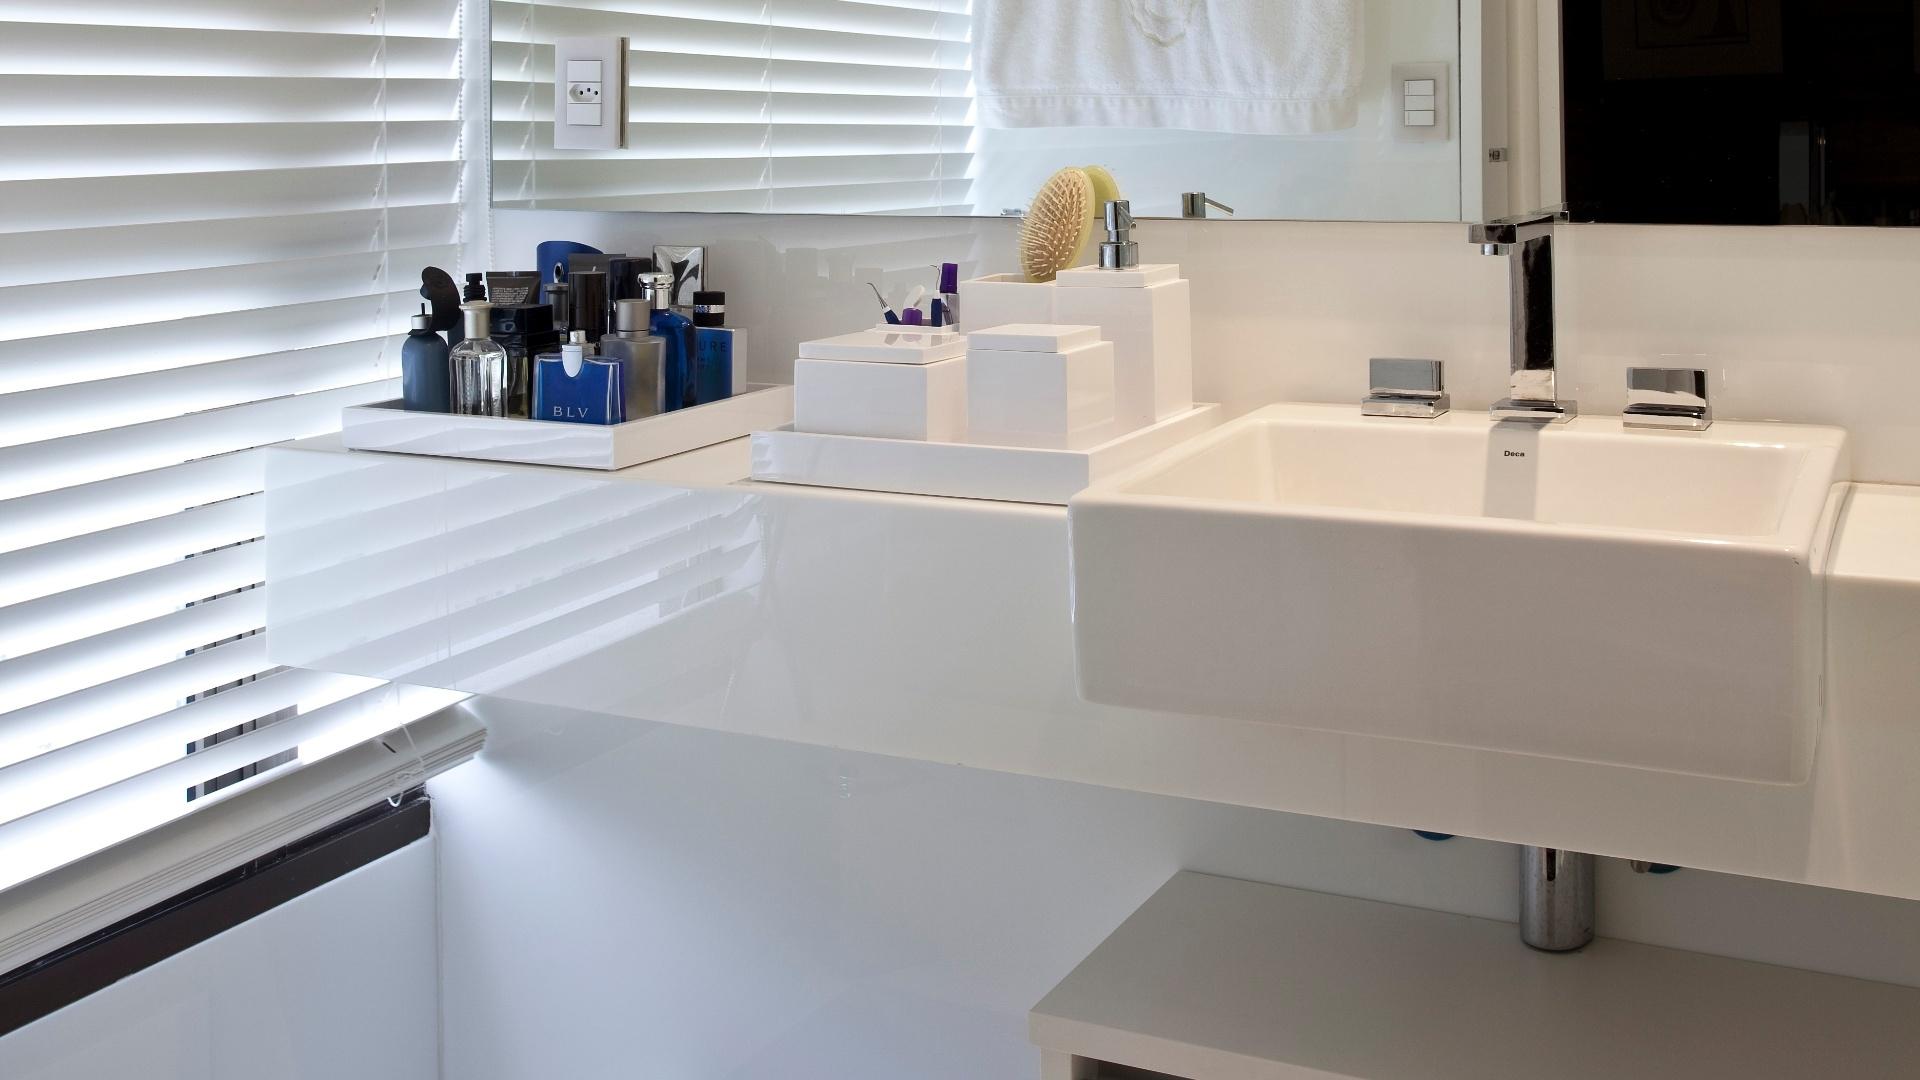 banheiro completamente branco tem bancada Corian e revestimentos #283D69 1920x1080 Banheiro Branco E Marron